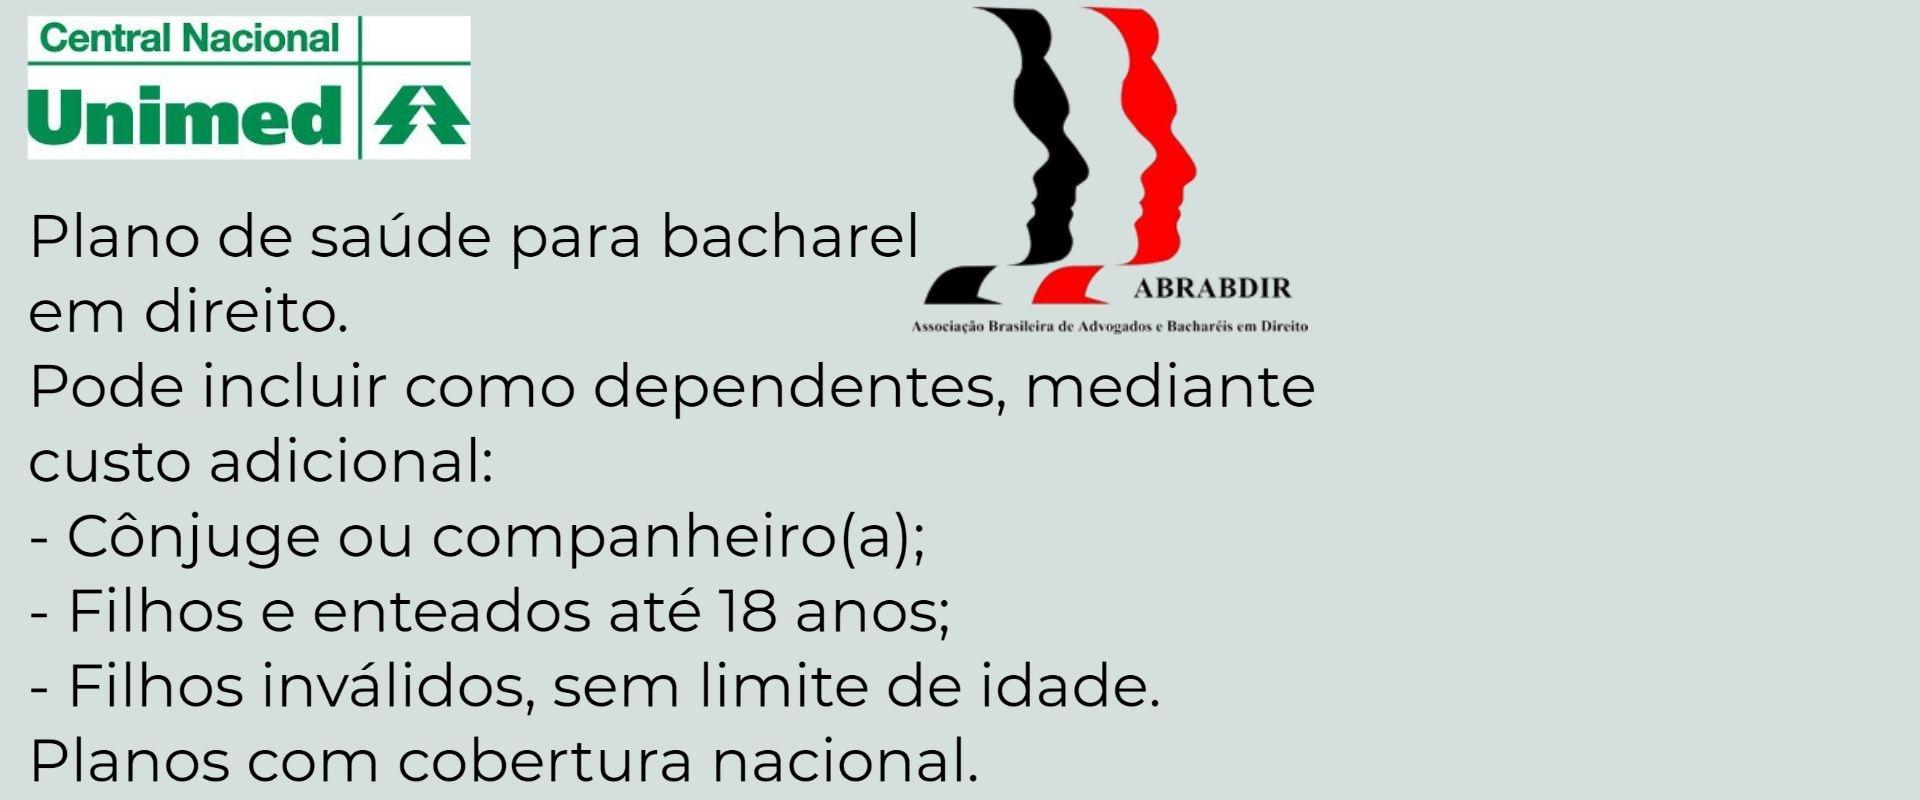 Unimed ABRABDIR Marília